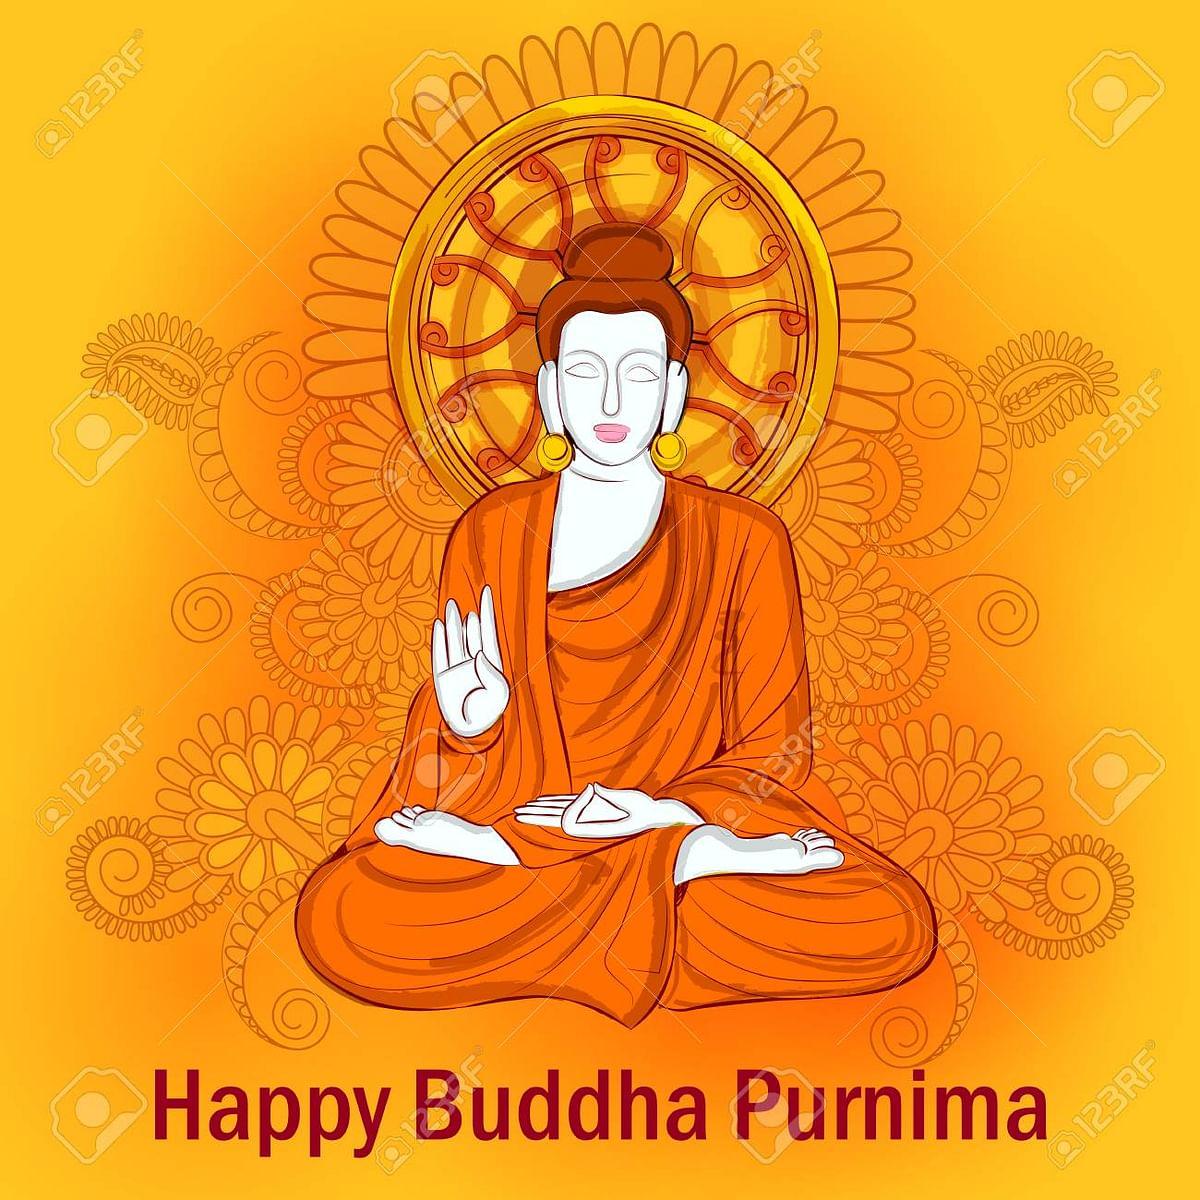 Buddha Purnima Wishes